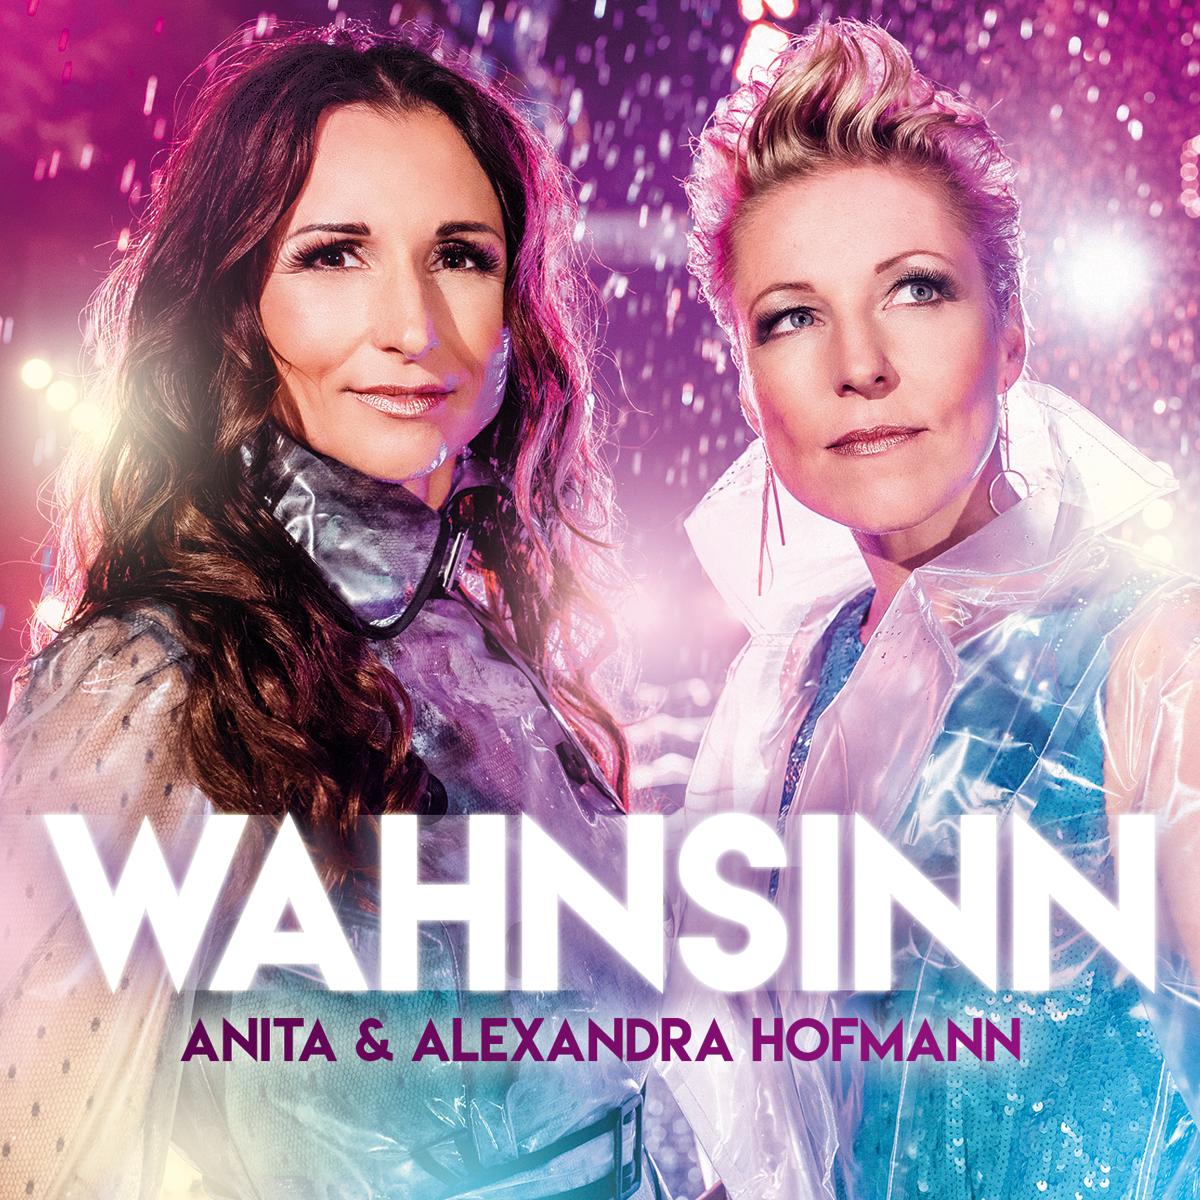 ANITA & ALEXANDRA HOFMANN * Wahnsinn